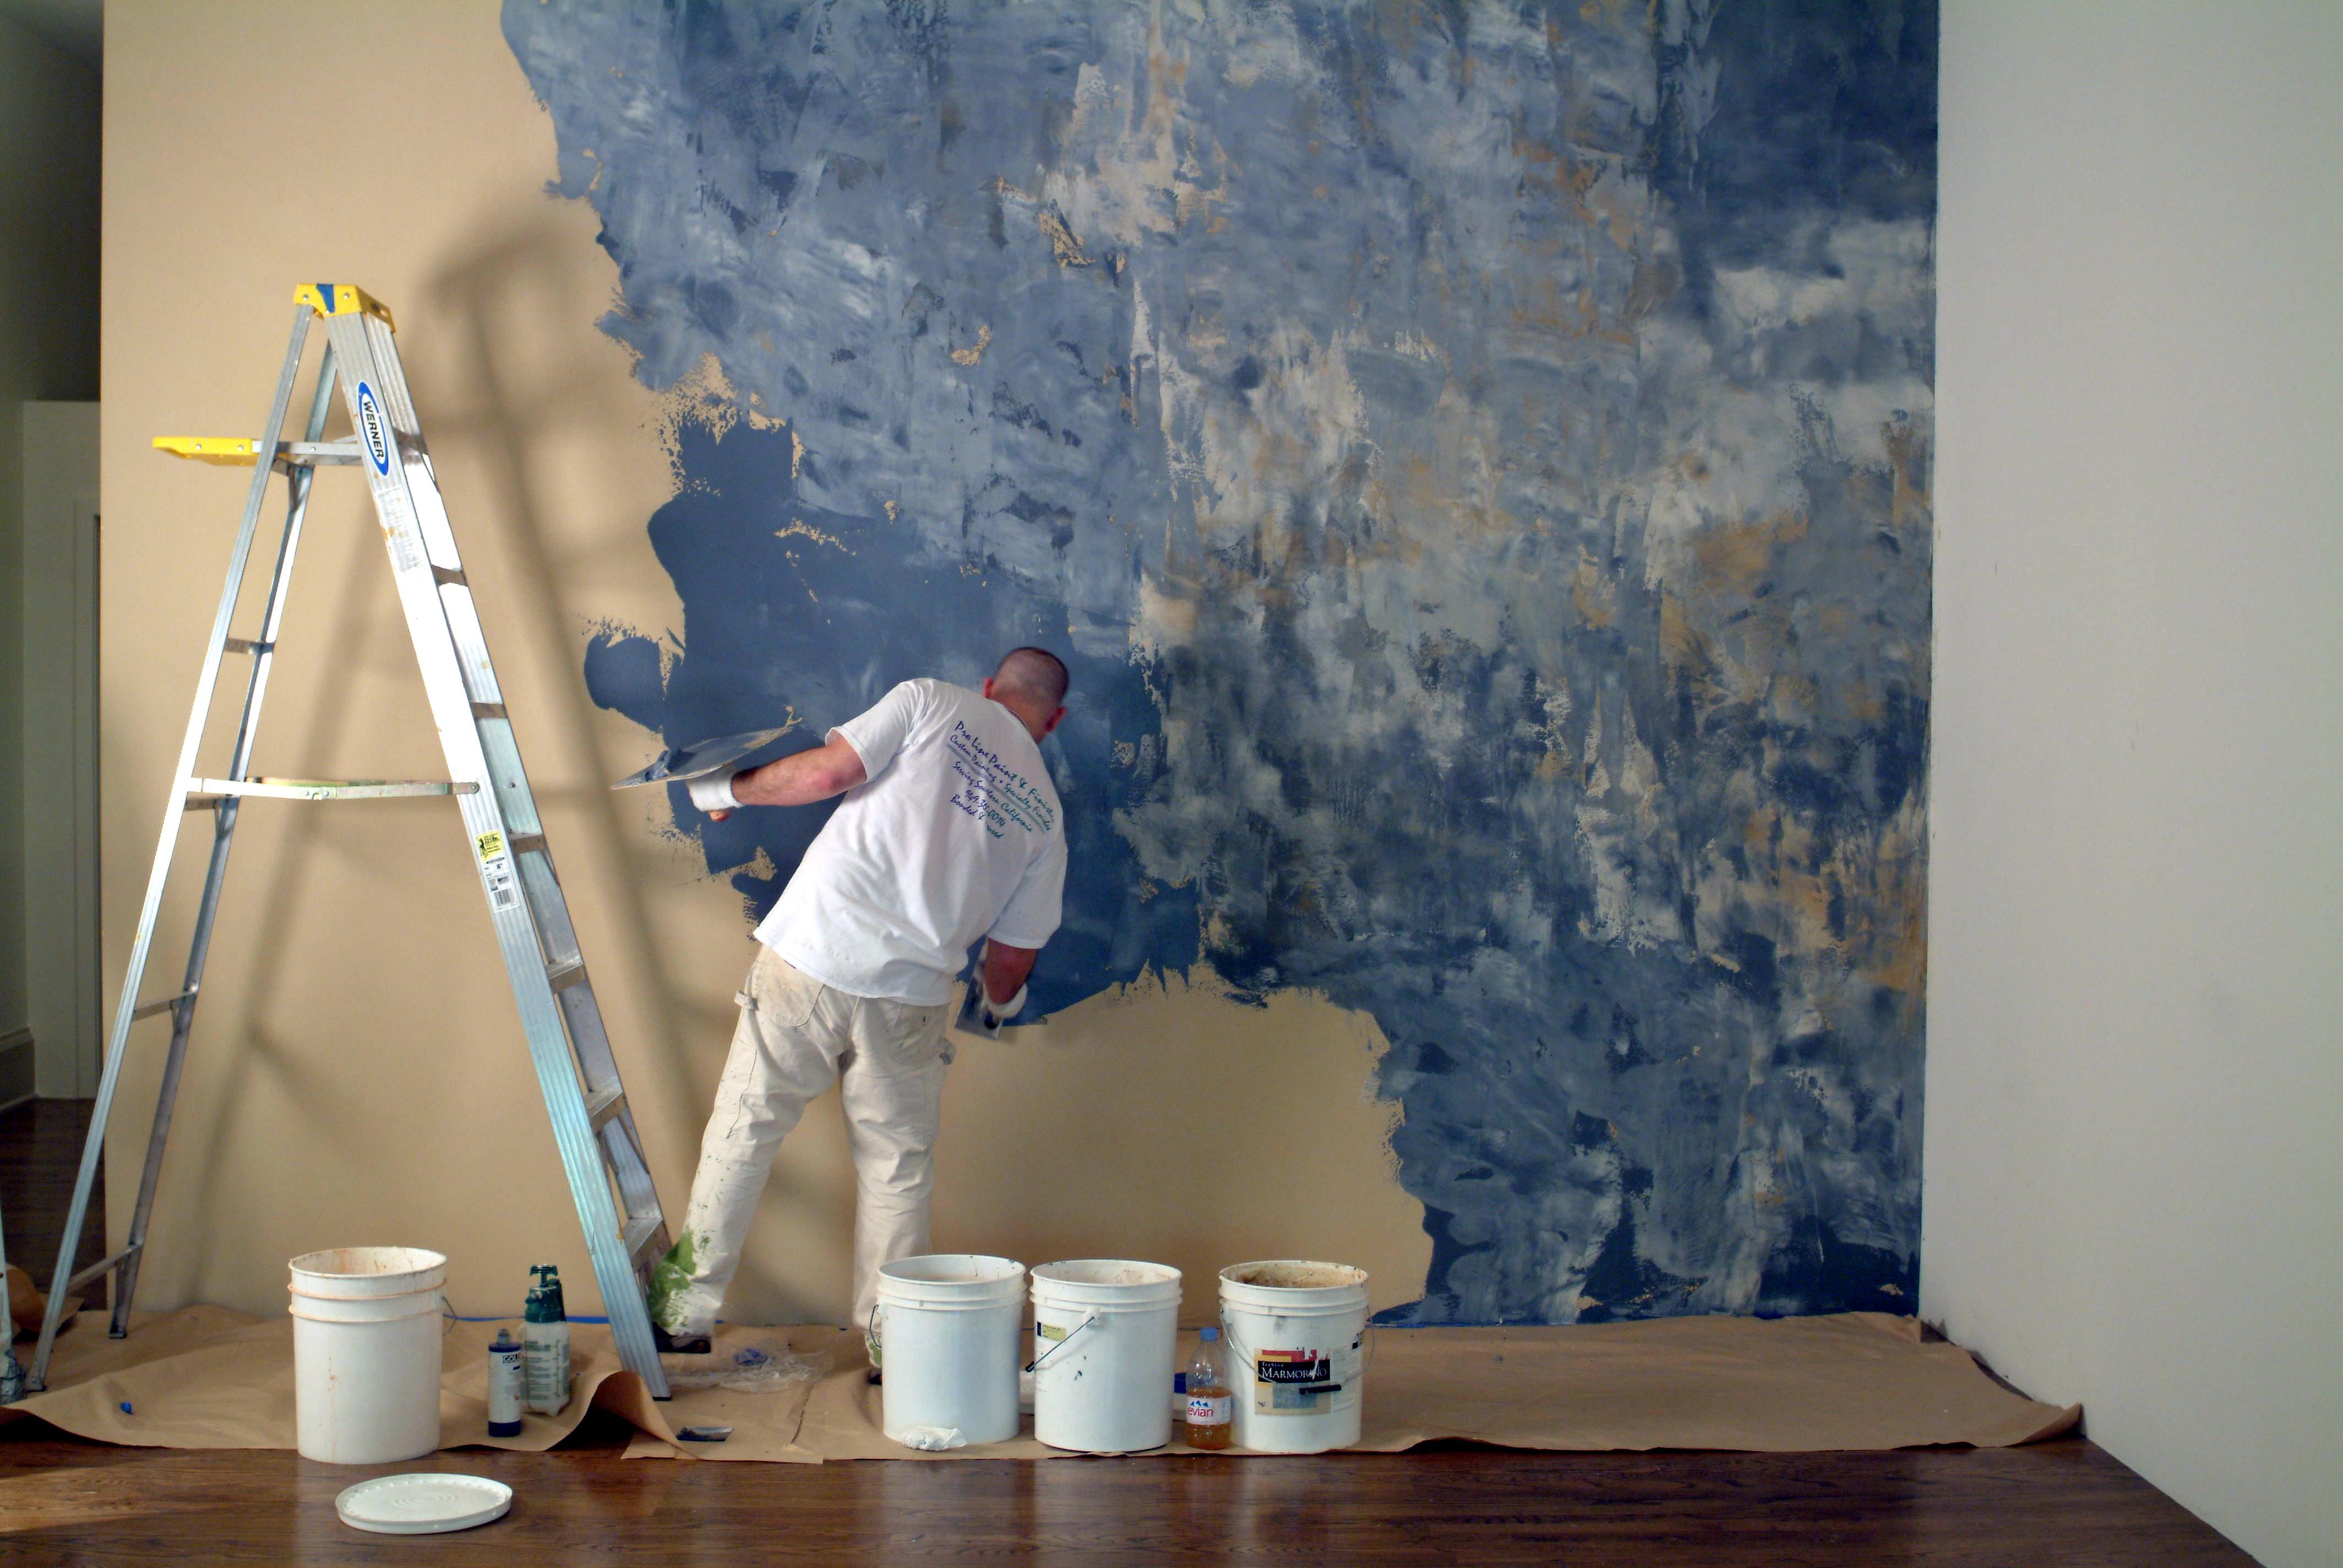 Pittura Effetto Intonaco Invecchiato pittura di intonaco decorativo - metodi di applicazione (34